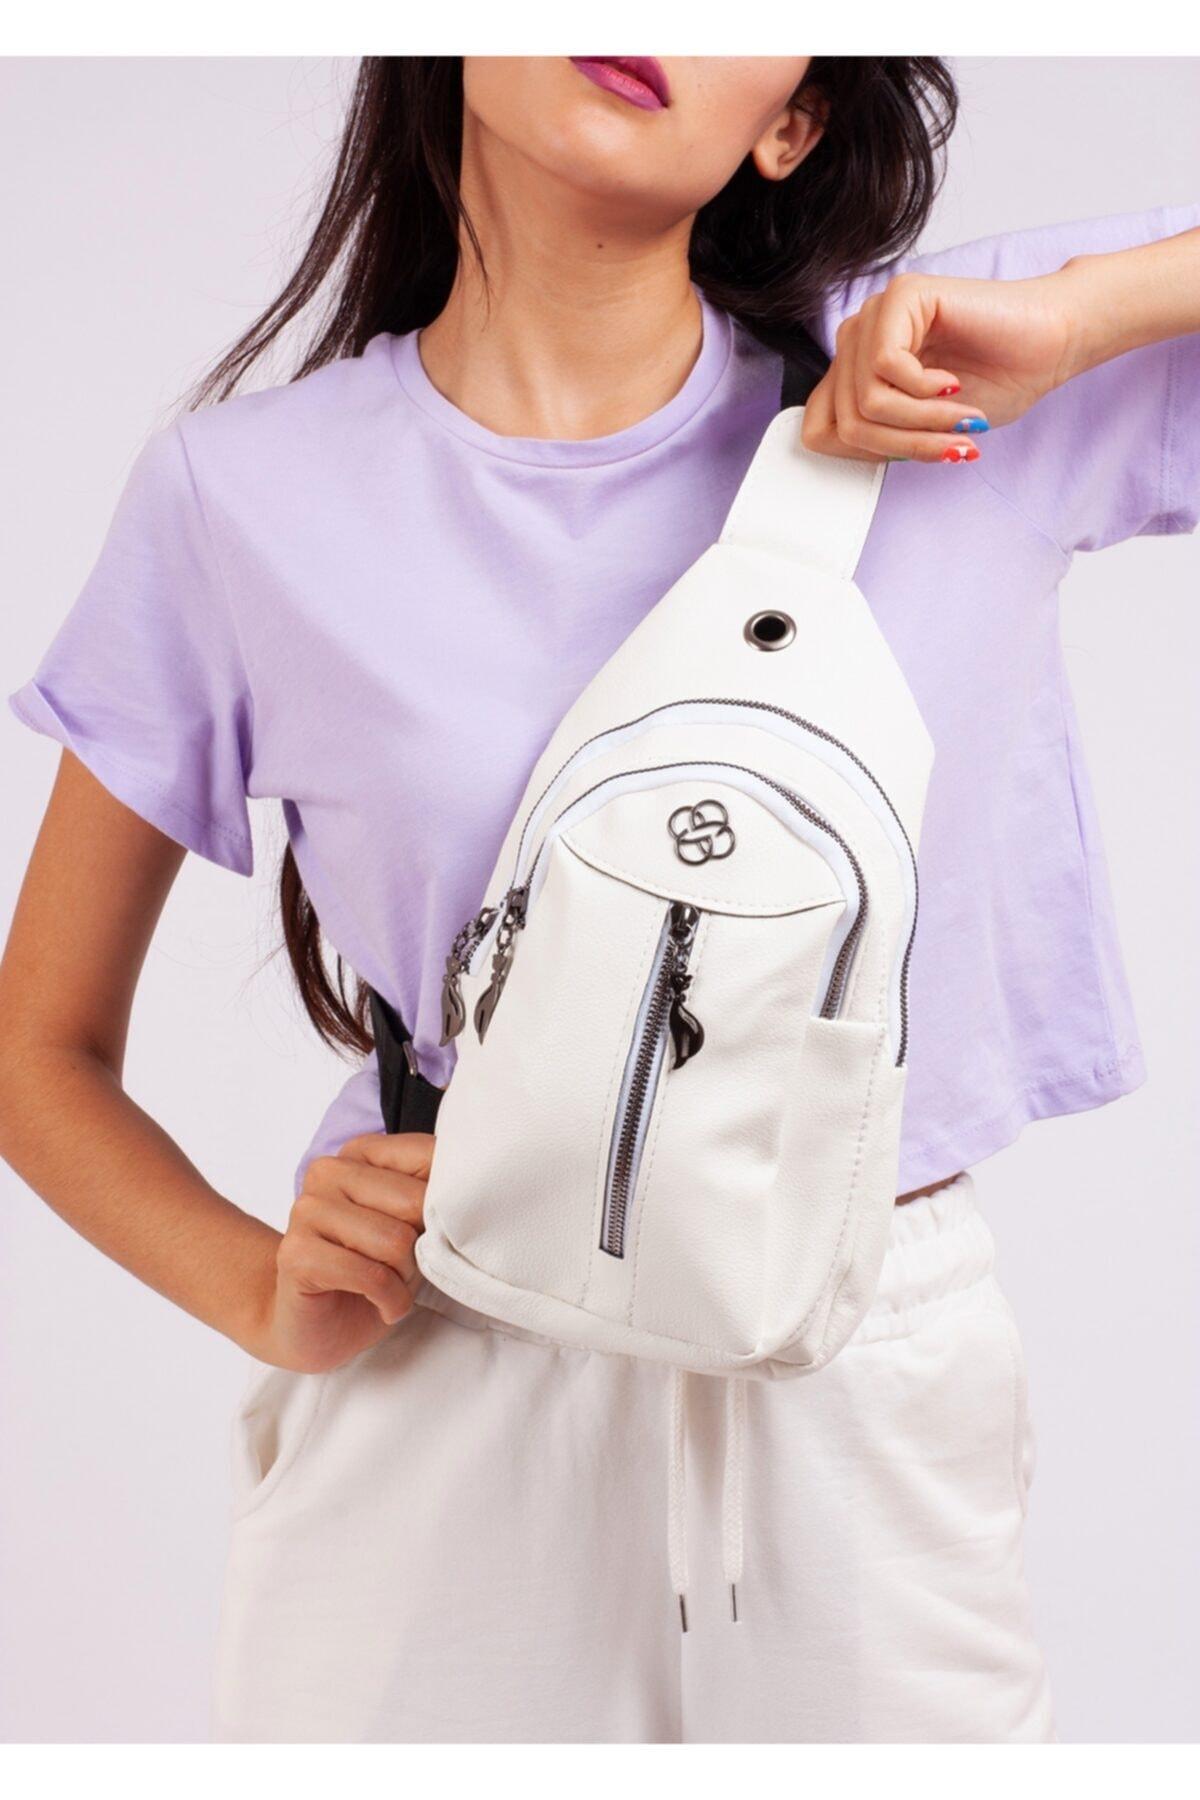 Kadın Beyaz Üç Gözlü Bodybag